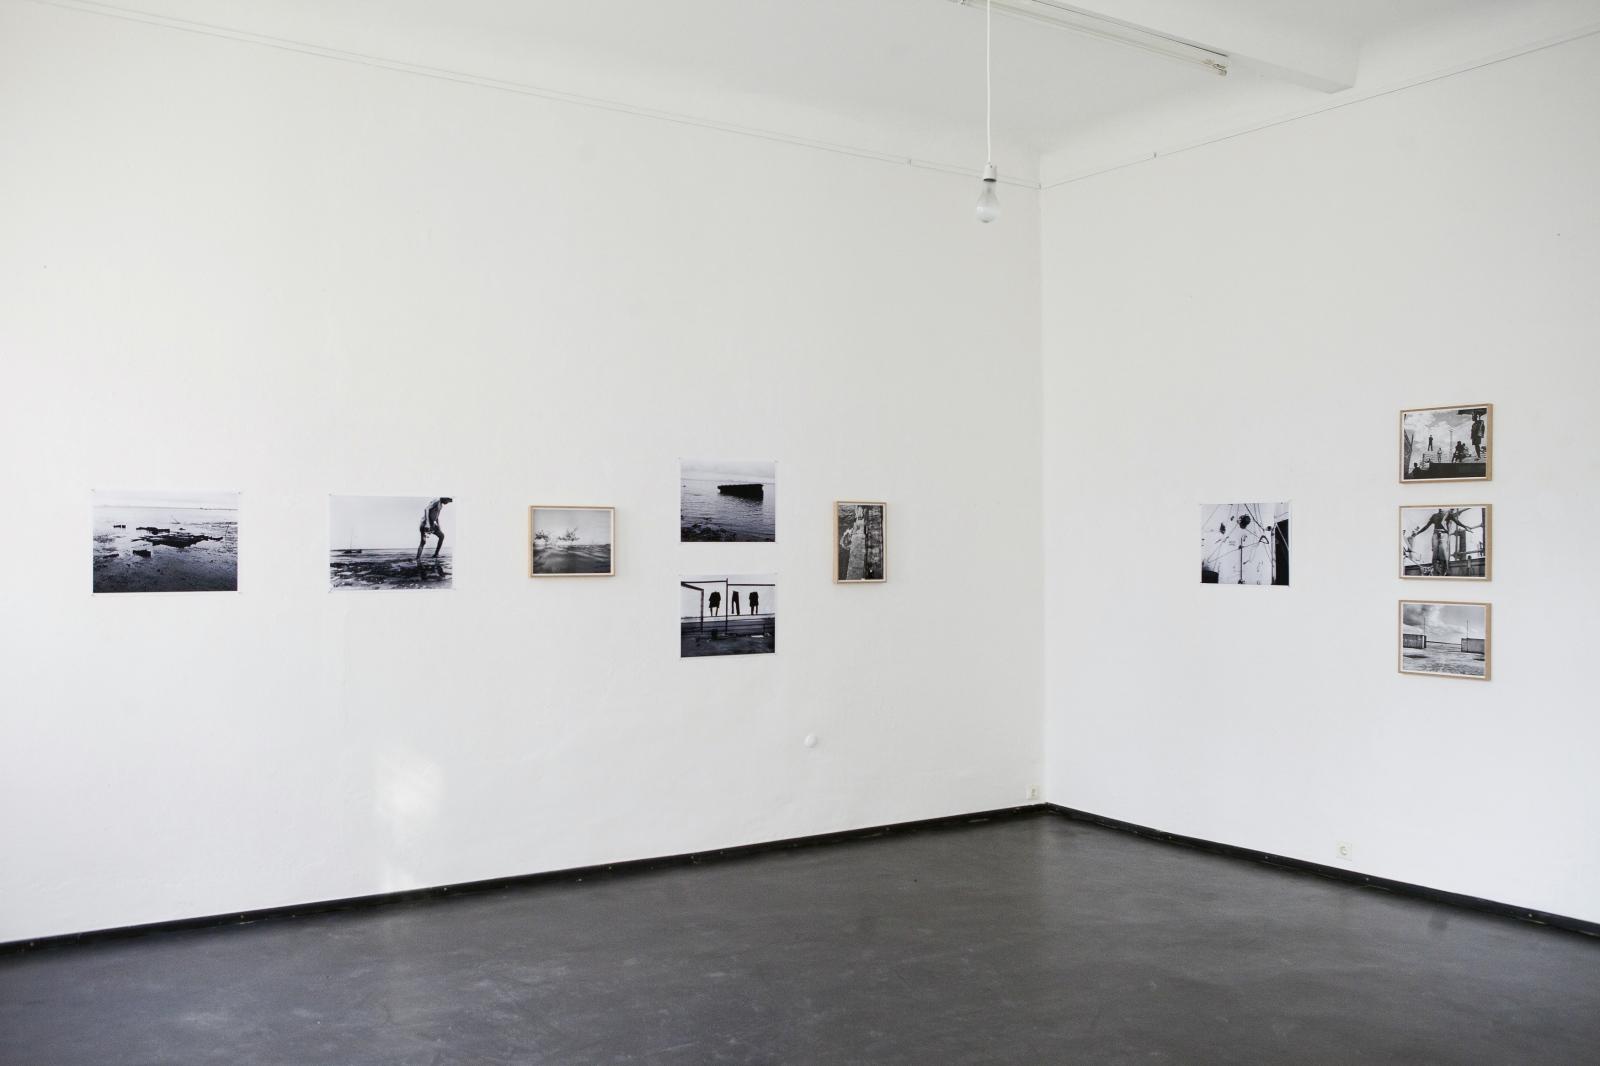 Kunststiftung Poll Gallery, Berlin. (Residues)